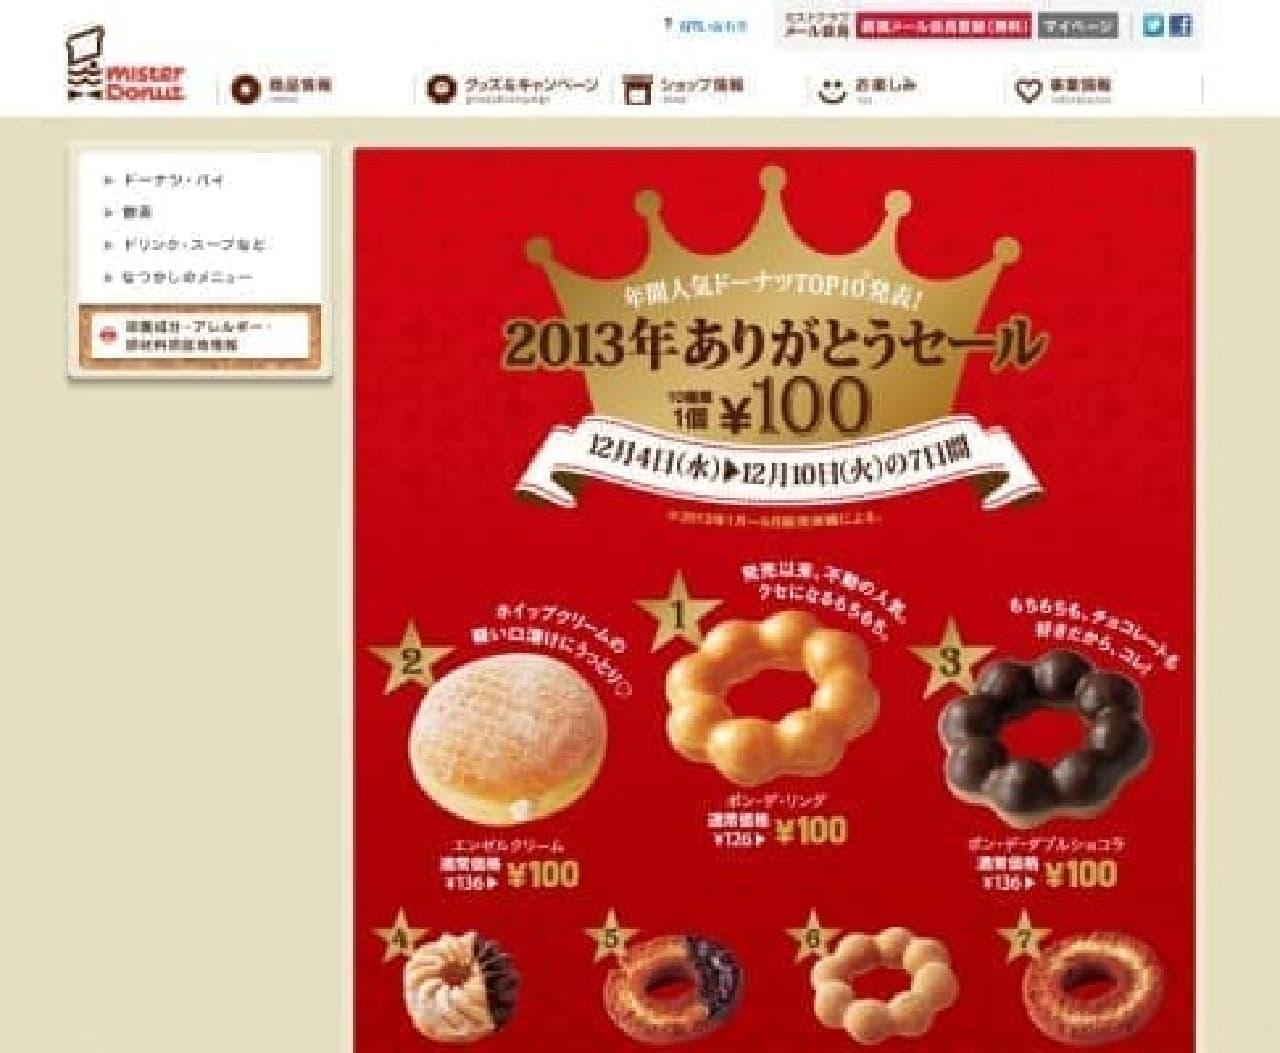 2013年の人気商品がどどーんと100円に!  (出典:ミスタードーナツ)